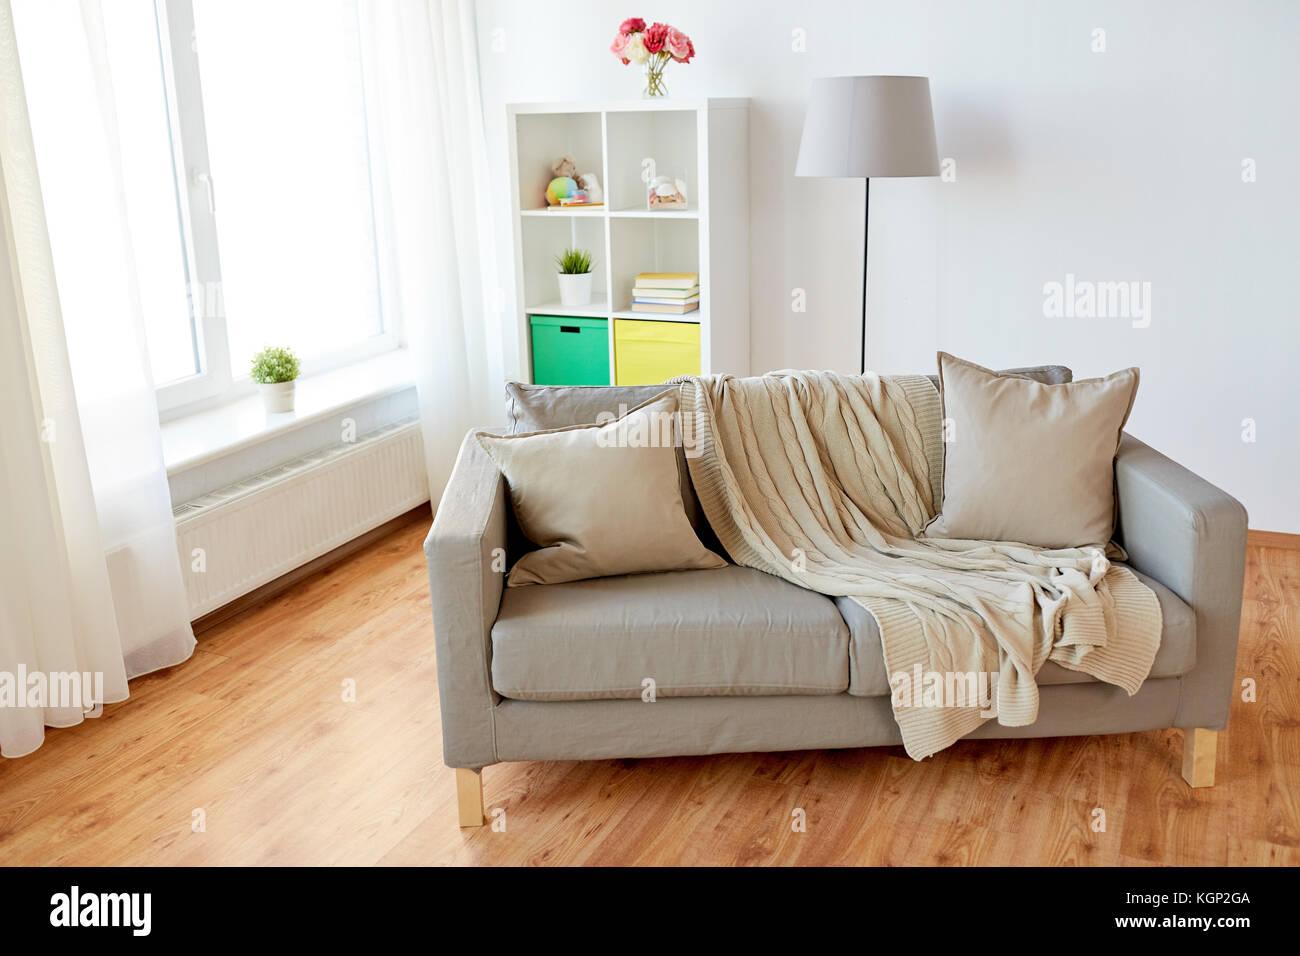 Sofa mit Kissen gemütlich zu Hause Wohnzimmer Stockfoto, Bild ...